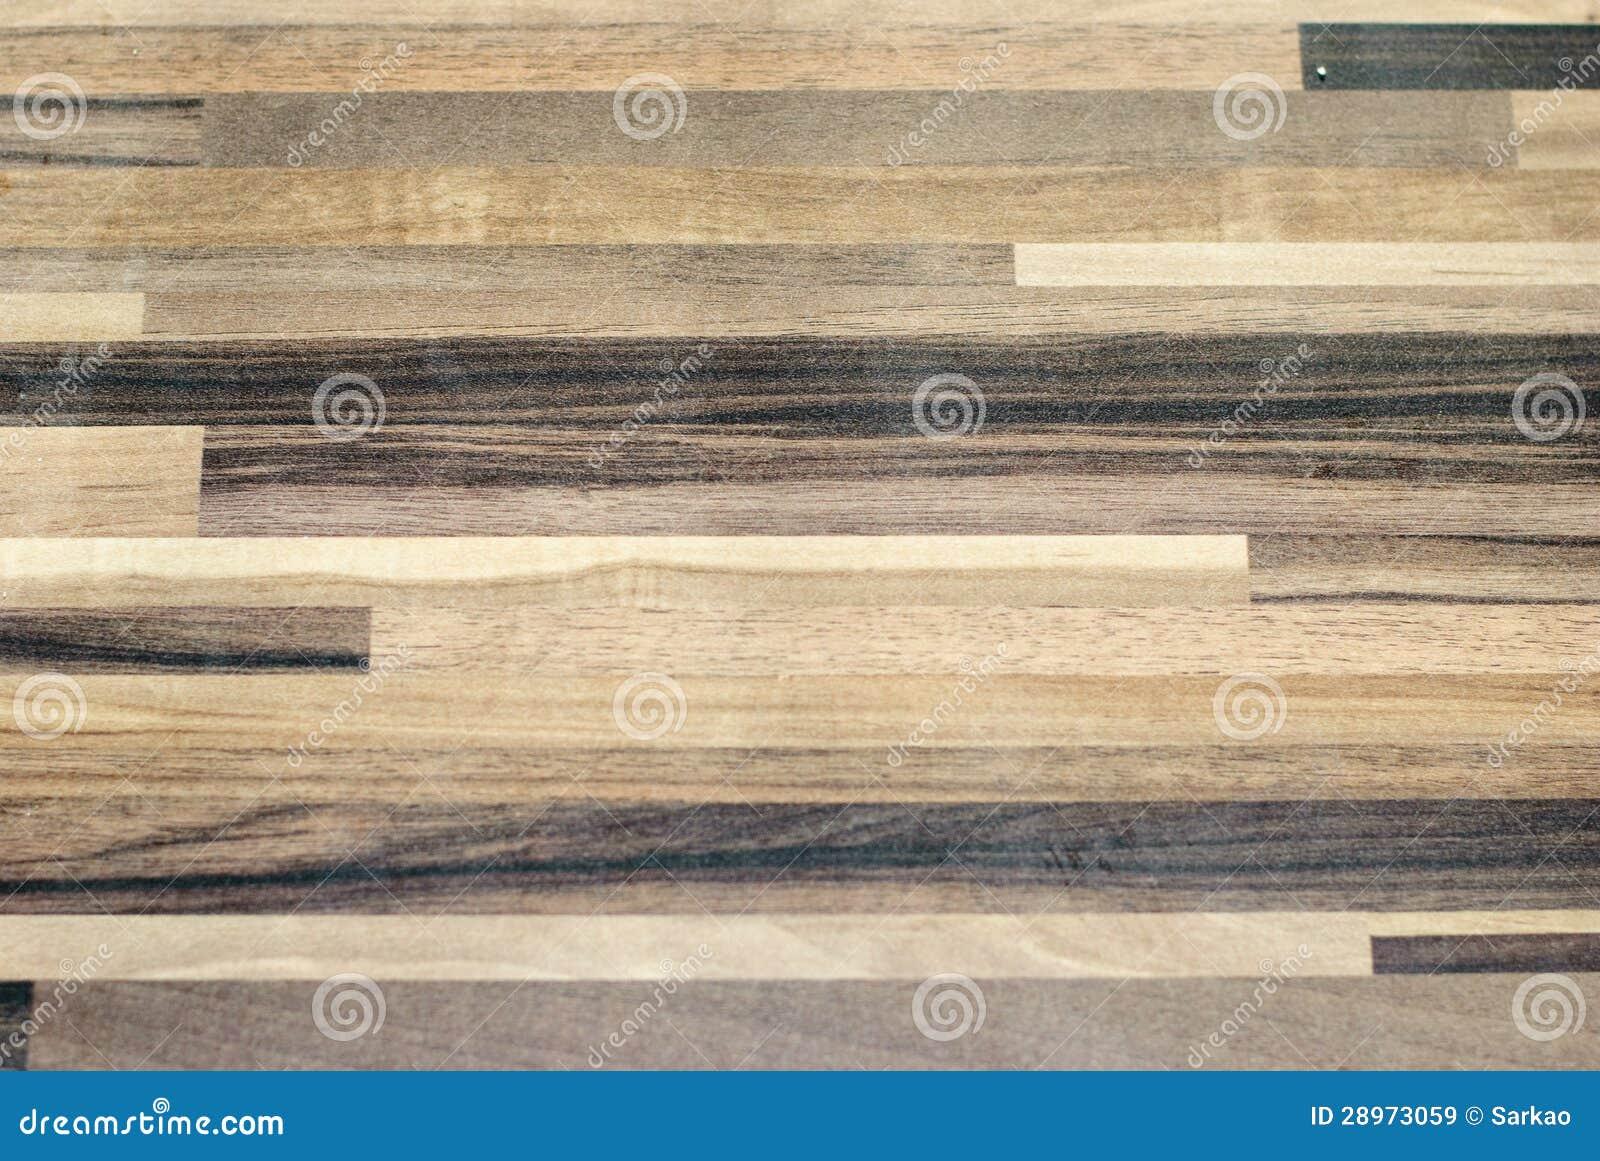 Drewniana struktura